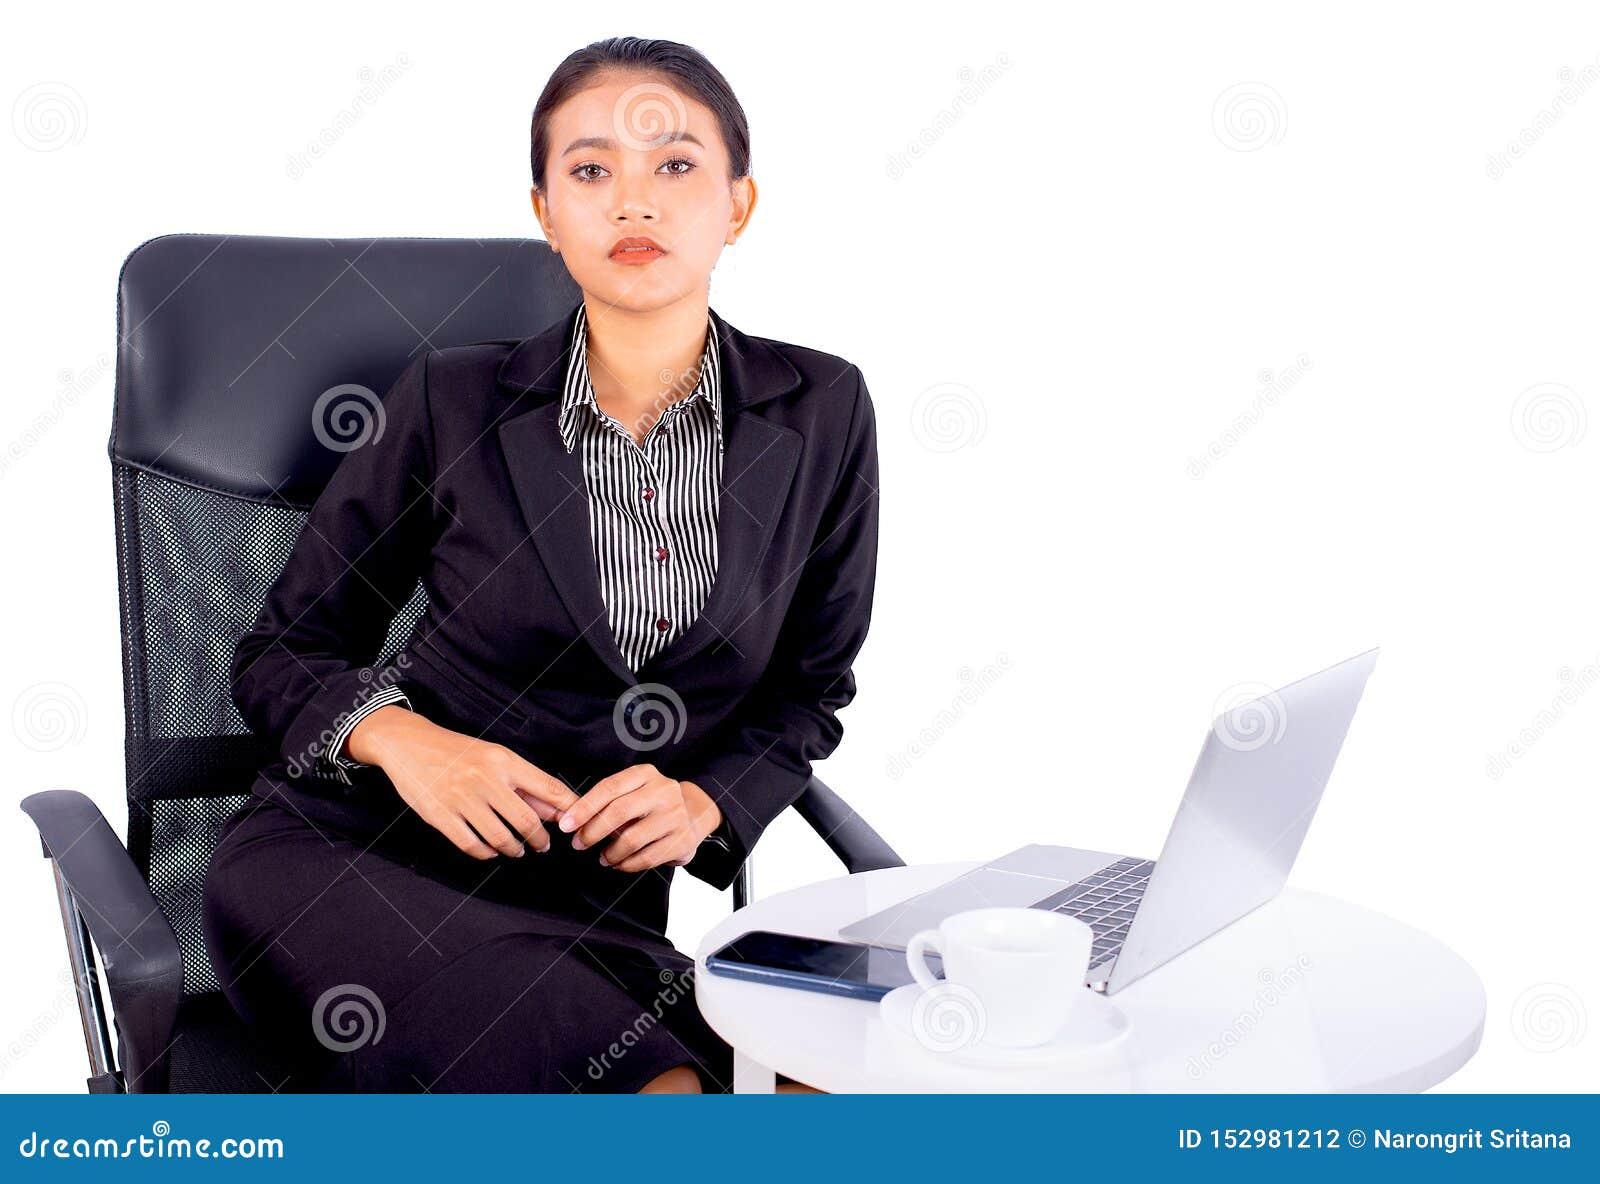 Ståenden isolerade sydostliga asiatiska affärskvinnan bär mörkt - den gråa dräkten ser kameran och sitter på stol med kontoret